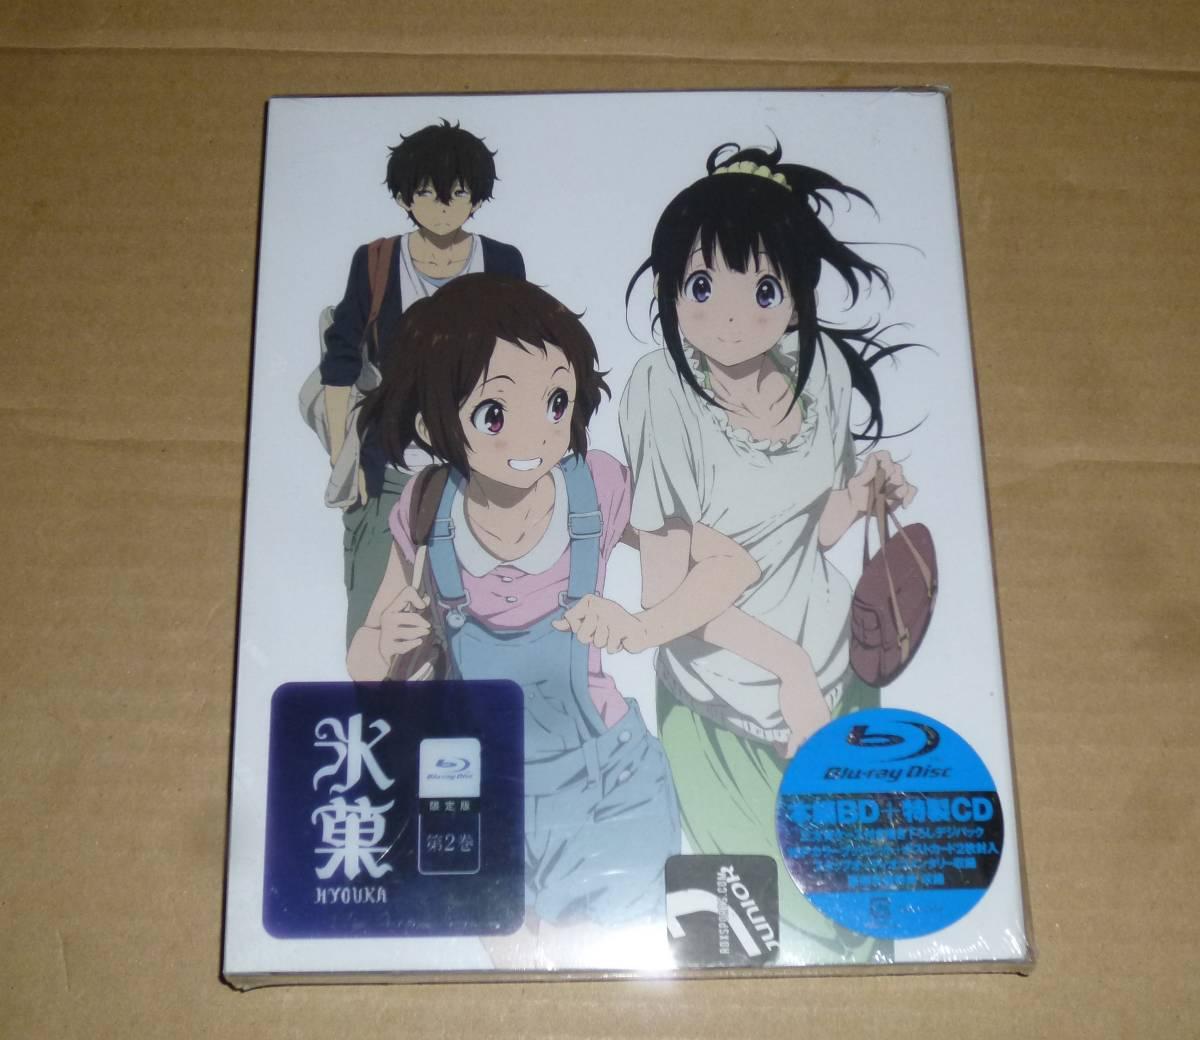 即決! 氷菓 限定版 第2巻 [Blu-ray]_画像2